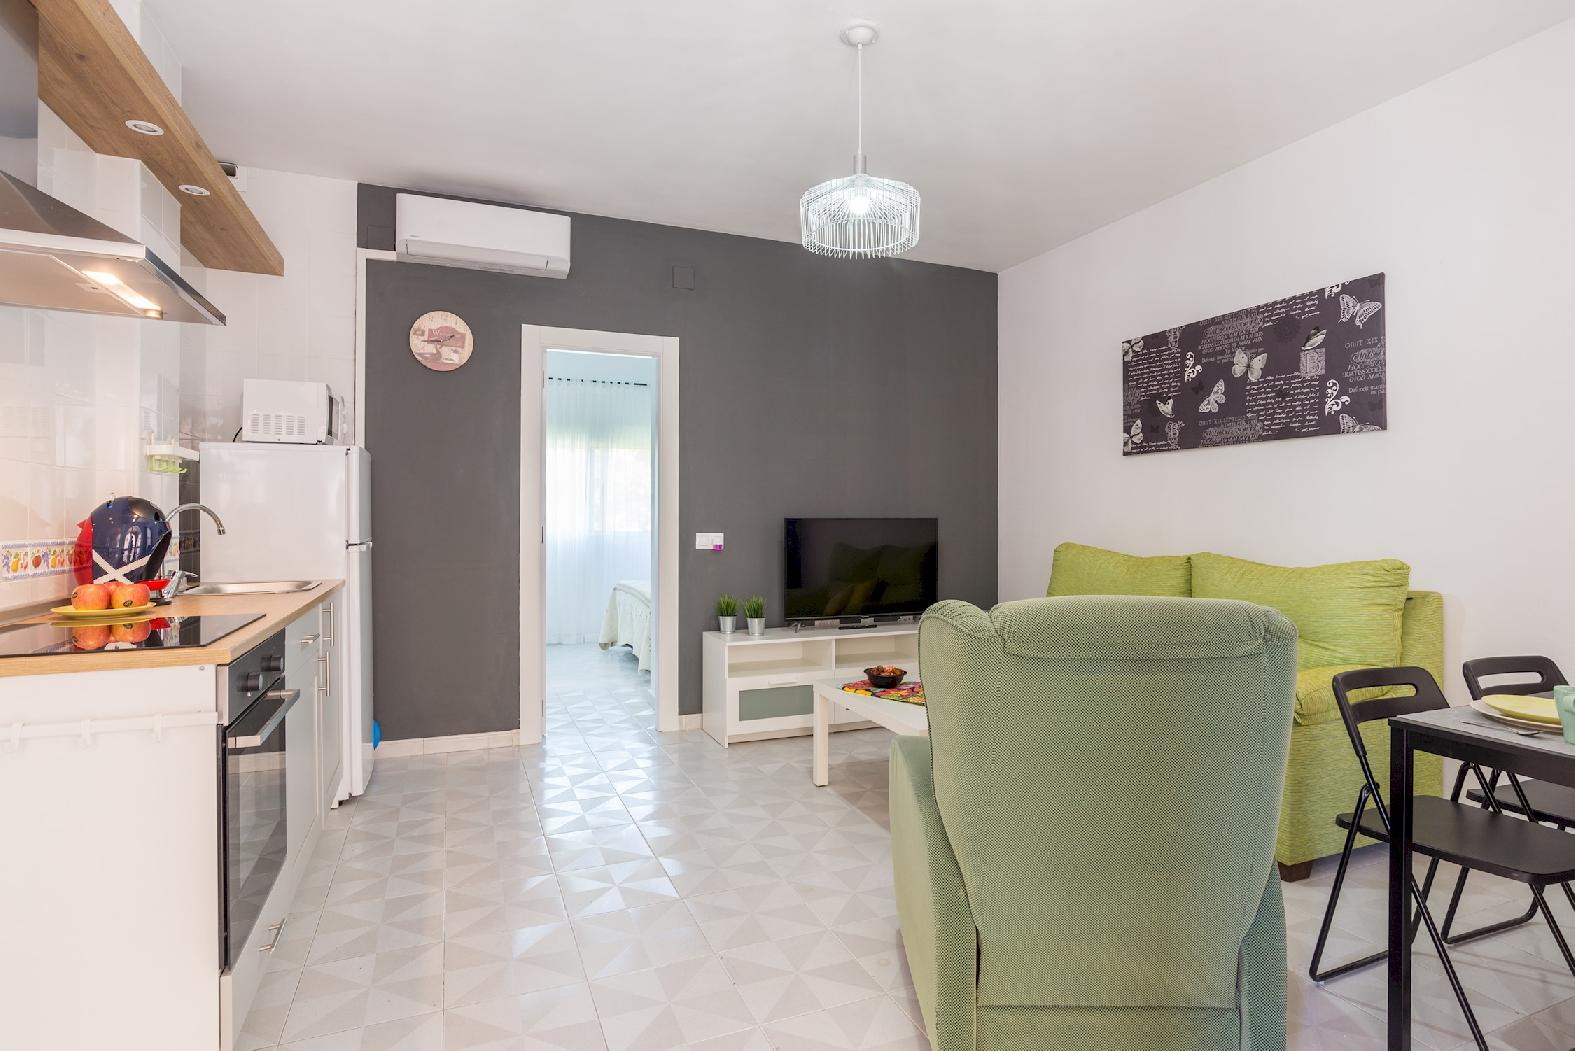 Apartment MalagaSuite Cozy Apartment in Benalmadena photo 14653414